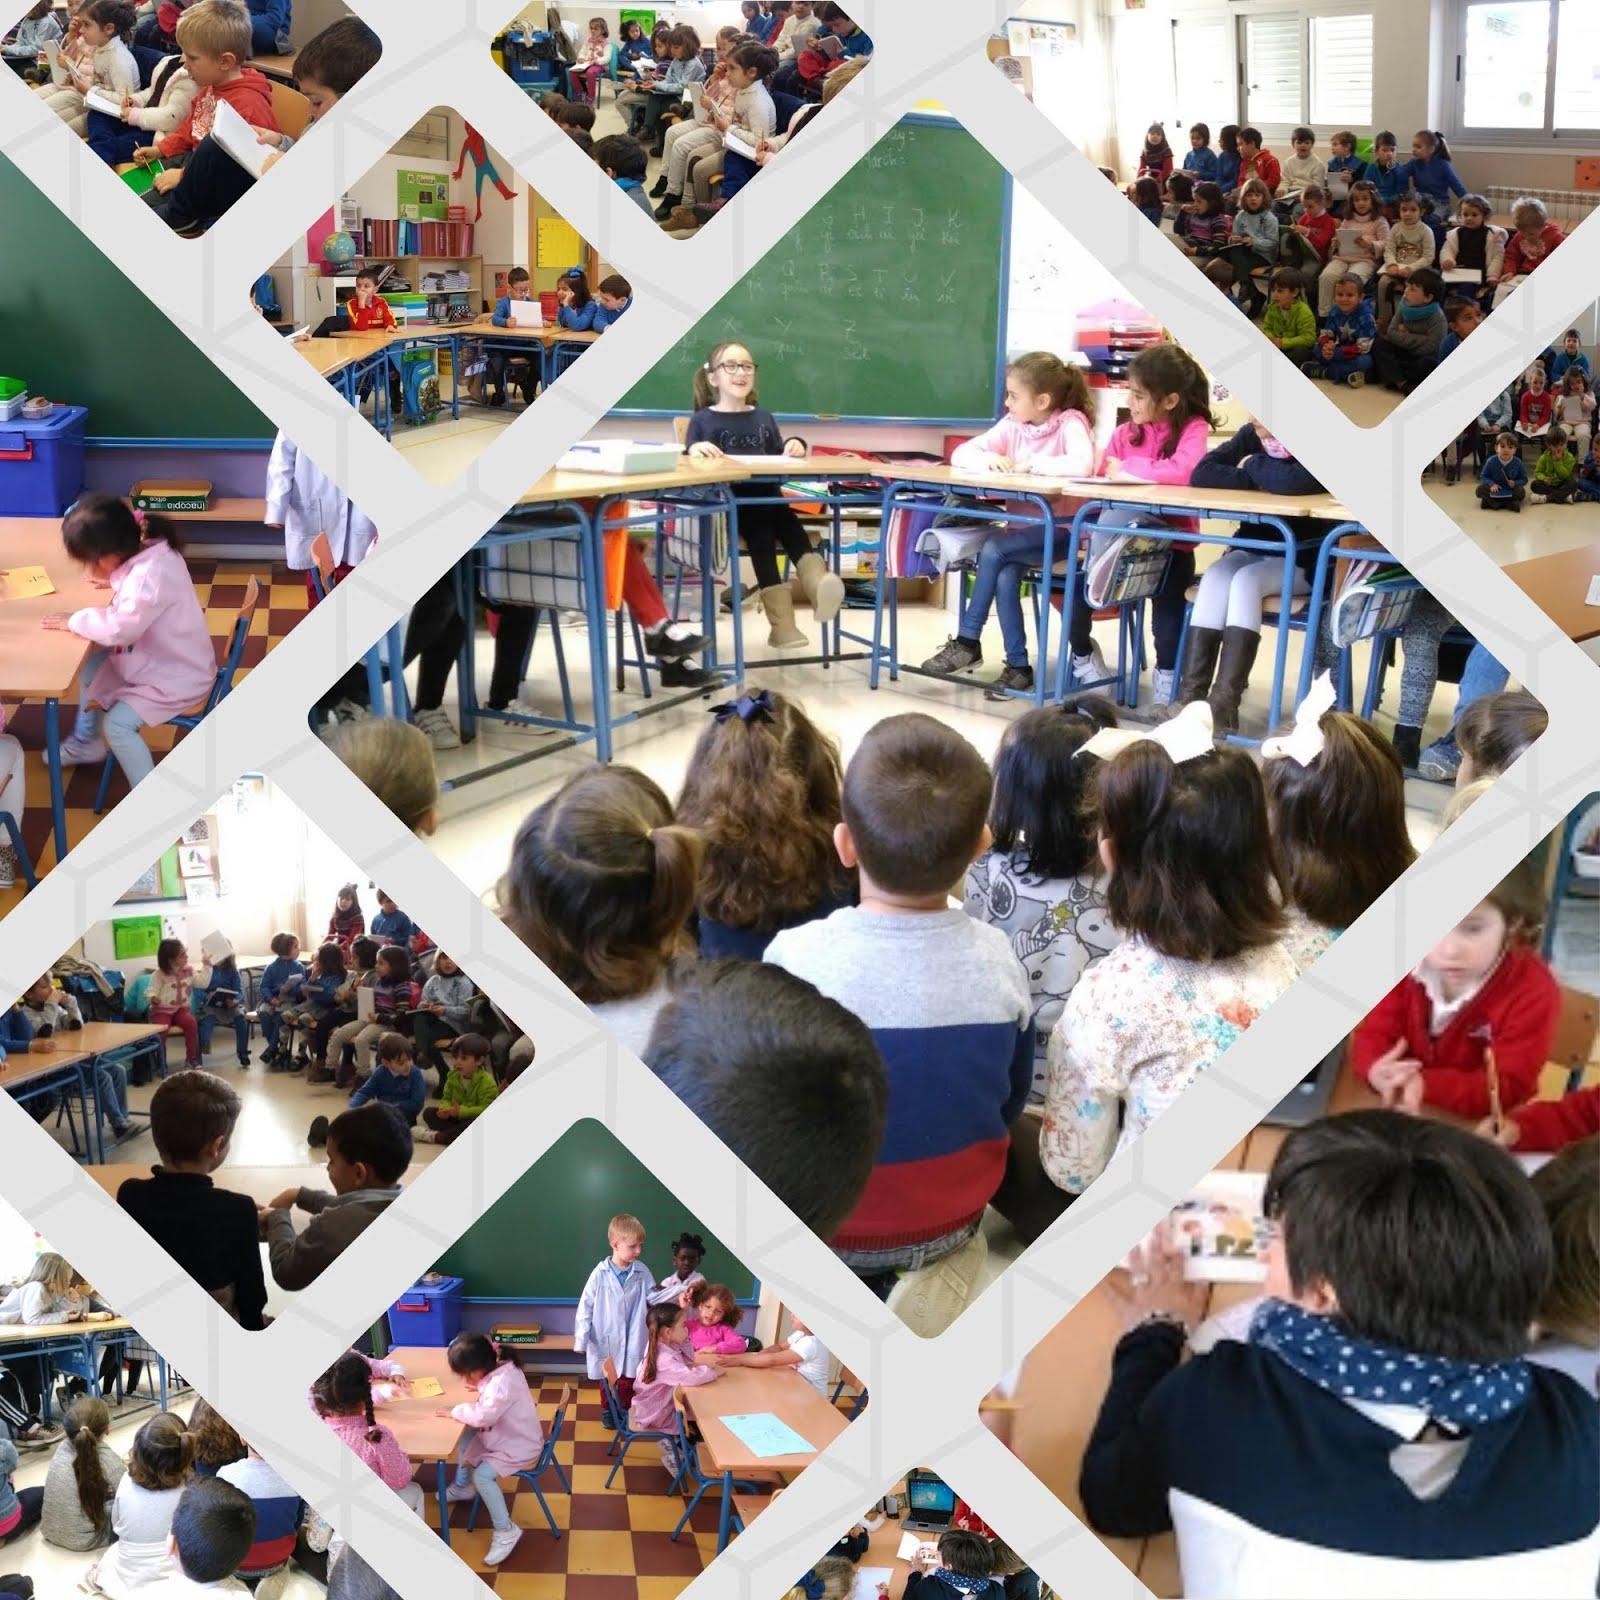 FOTOS DEL ALUMNADO DE NUESTRAS AULAS PARTICIPANDO EN DIFERENTES ACTIVIDADES SOBRE ORALIDAD